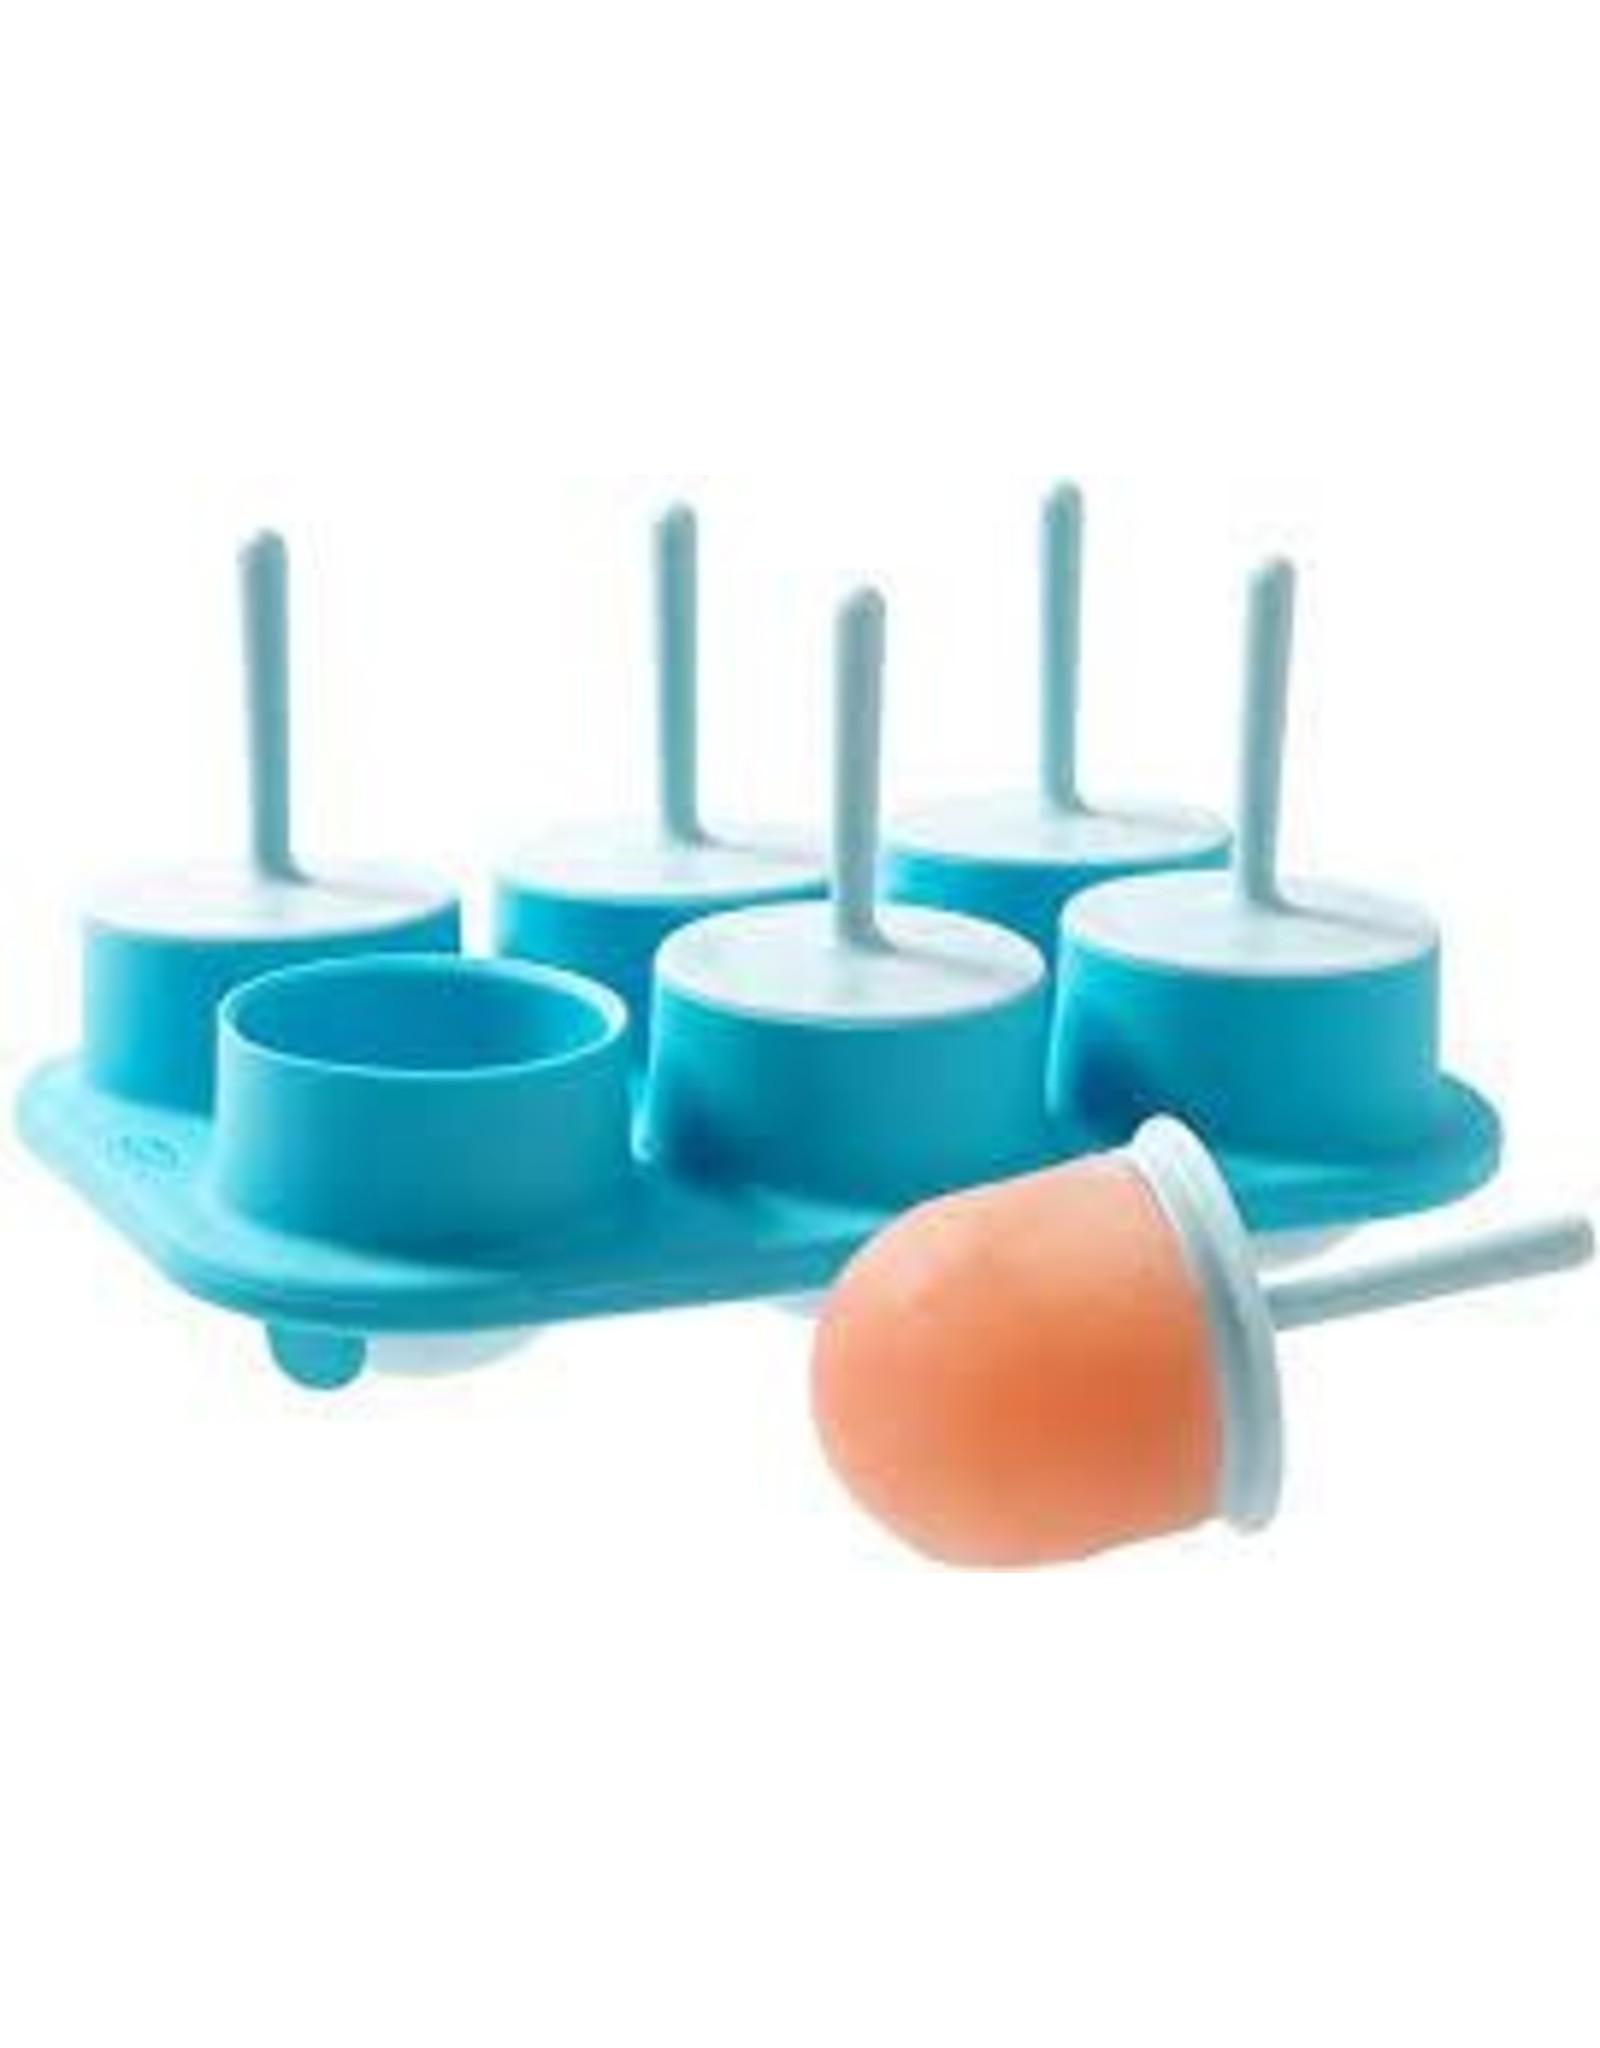 Chef'n CHEF'n Mini Blue popsicle Maker